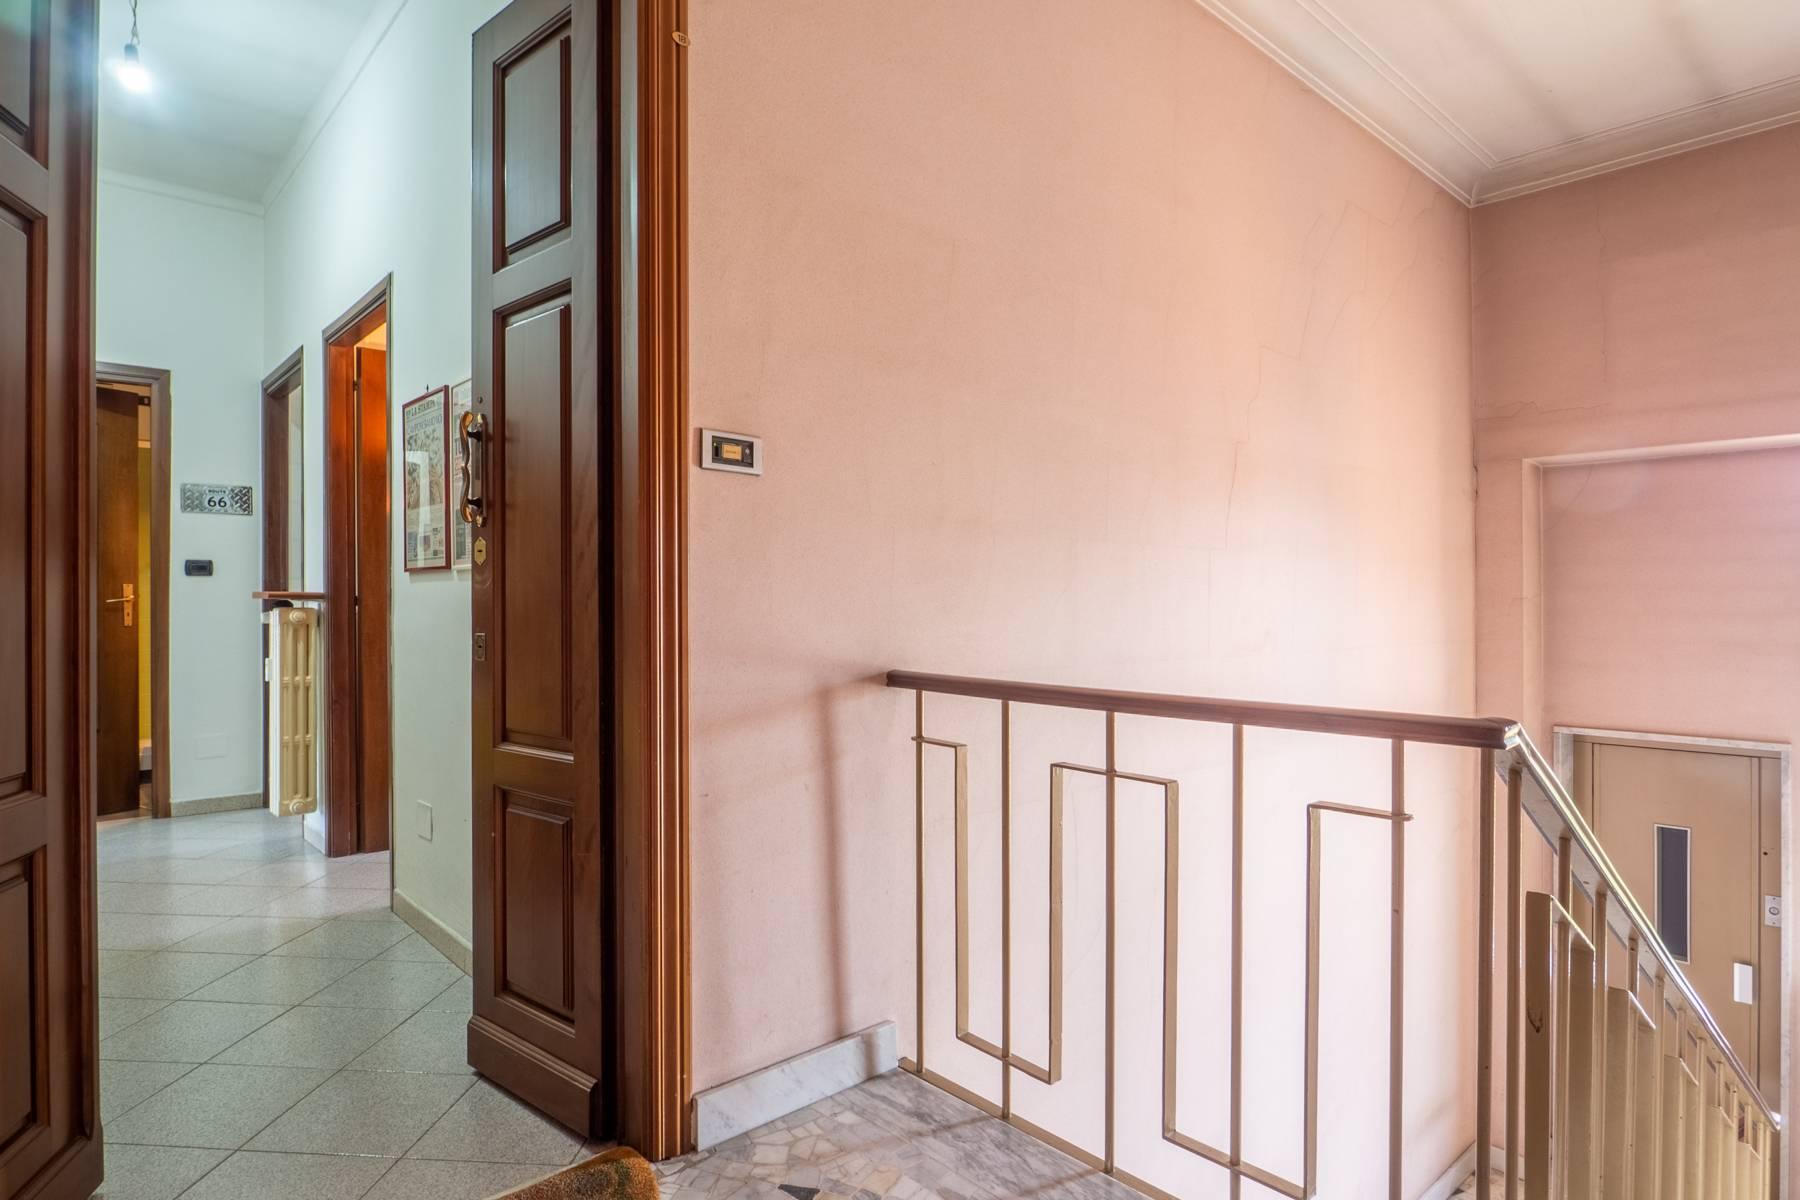 Appartamento in Vendita a Torino: 3 locali, 75 mq - Foto 5